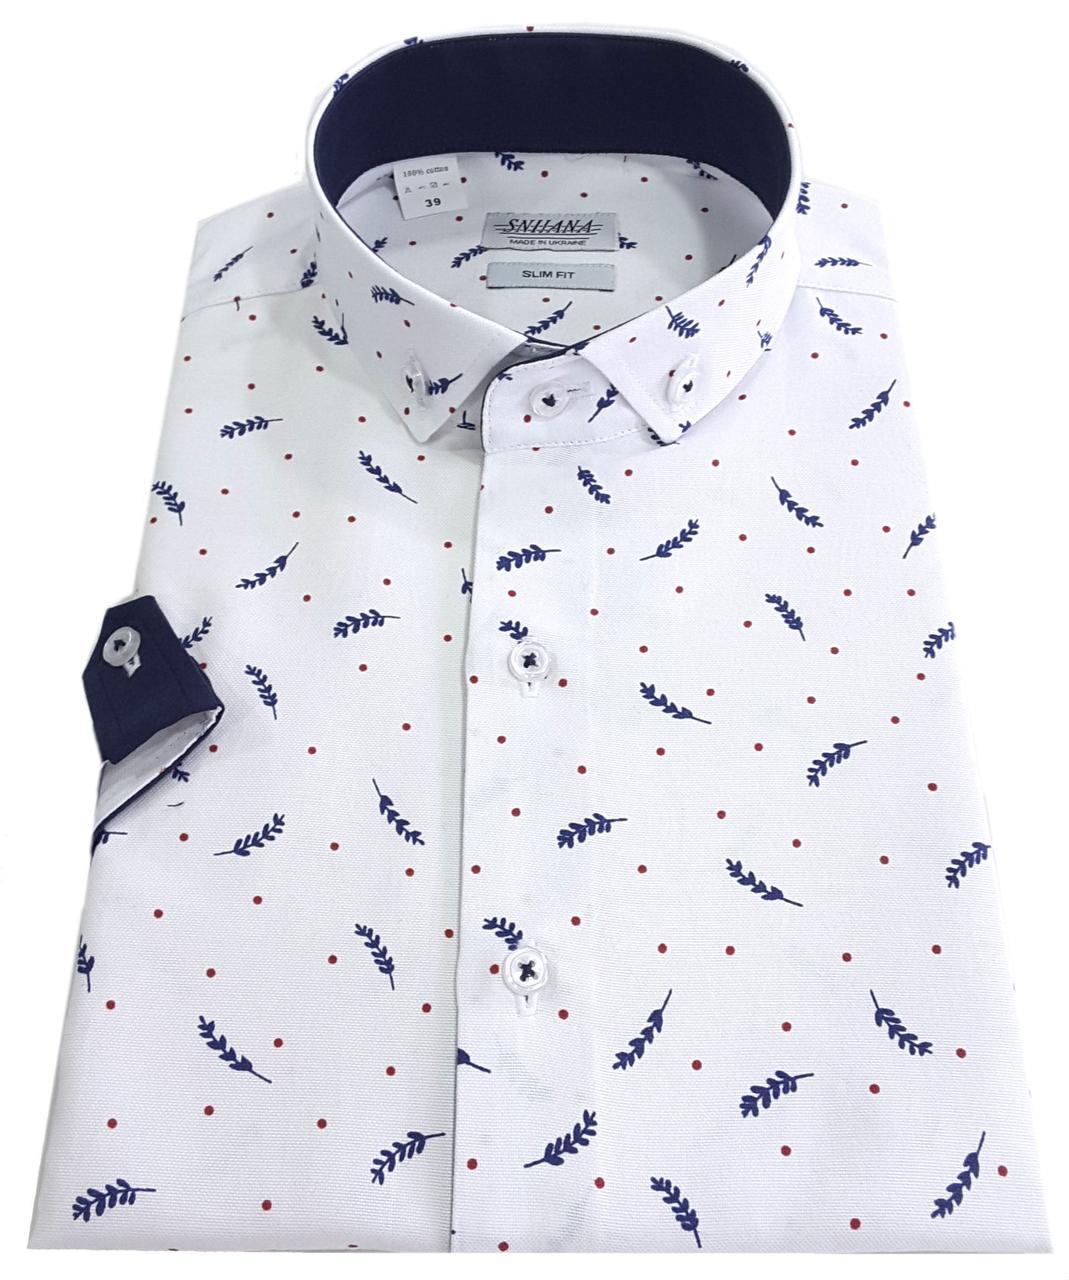 Мужская рубашка с коротким рукавом № 12-29 - 3-1010 V1